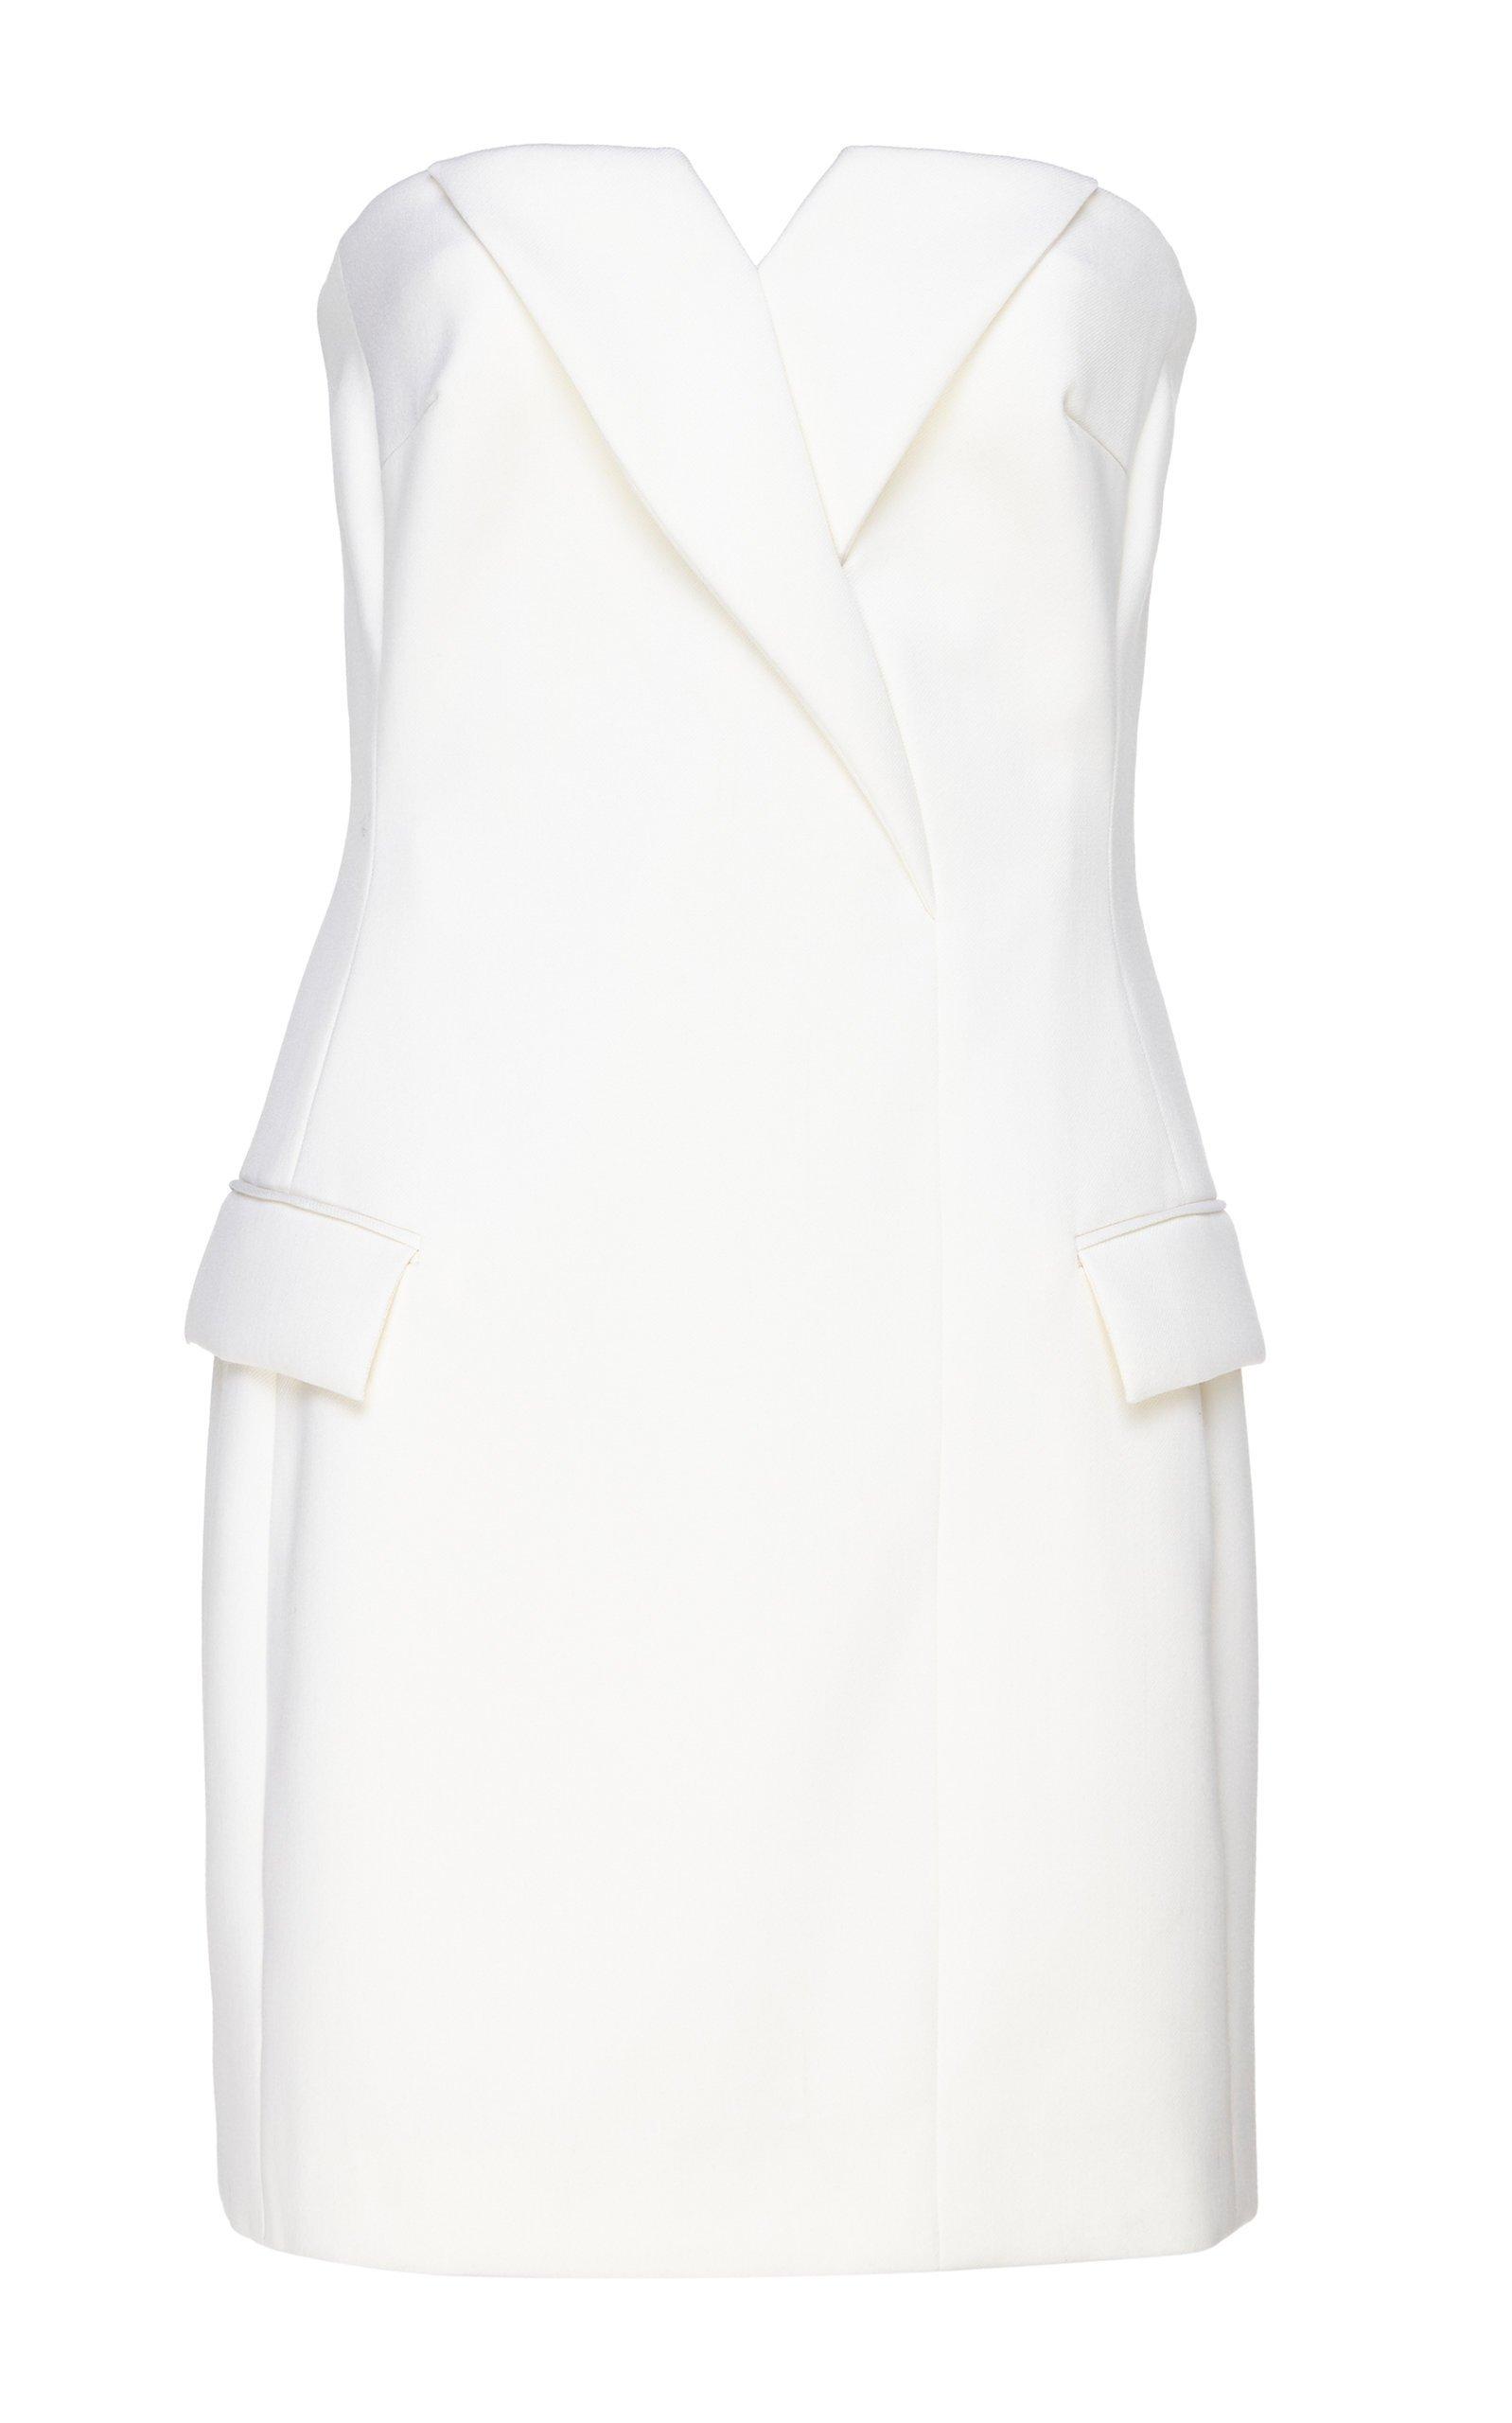 David Koma Tuxedo Strapless Mini Dress